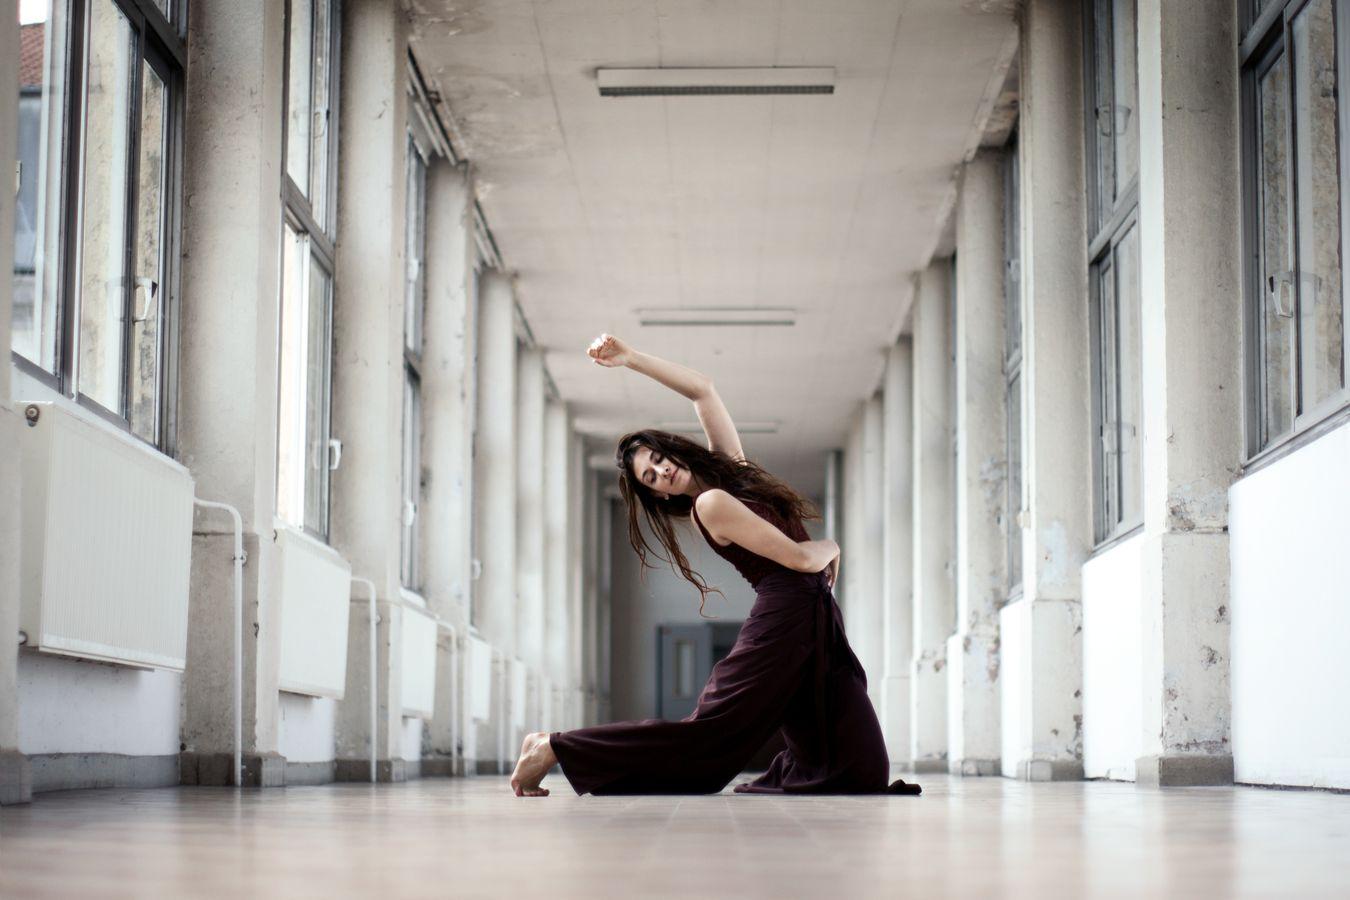 Mathilde fait de la danse contemporaine dans un couloir de l'Hôpital de la Croix-Rousse. En plein mouvement, elle vient, juste de poser un genou au sol.